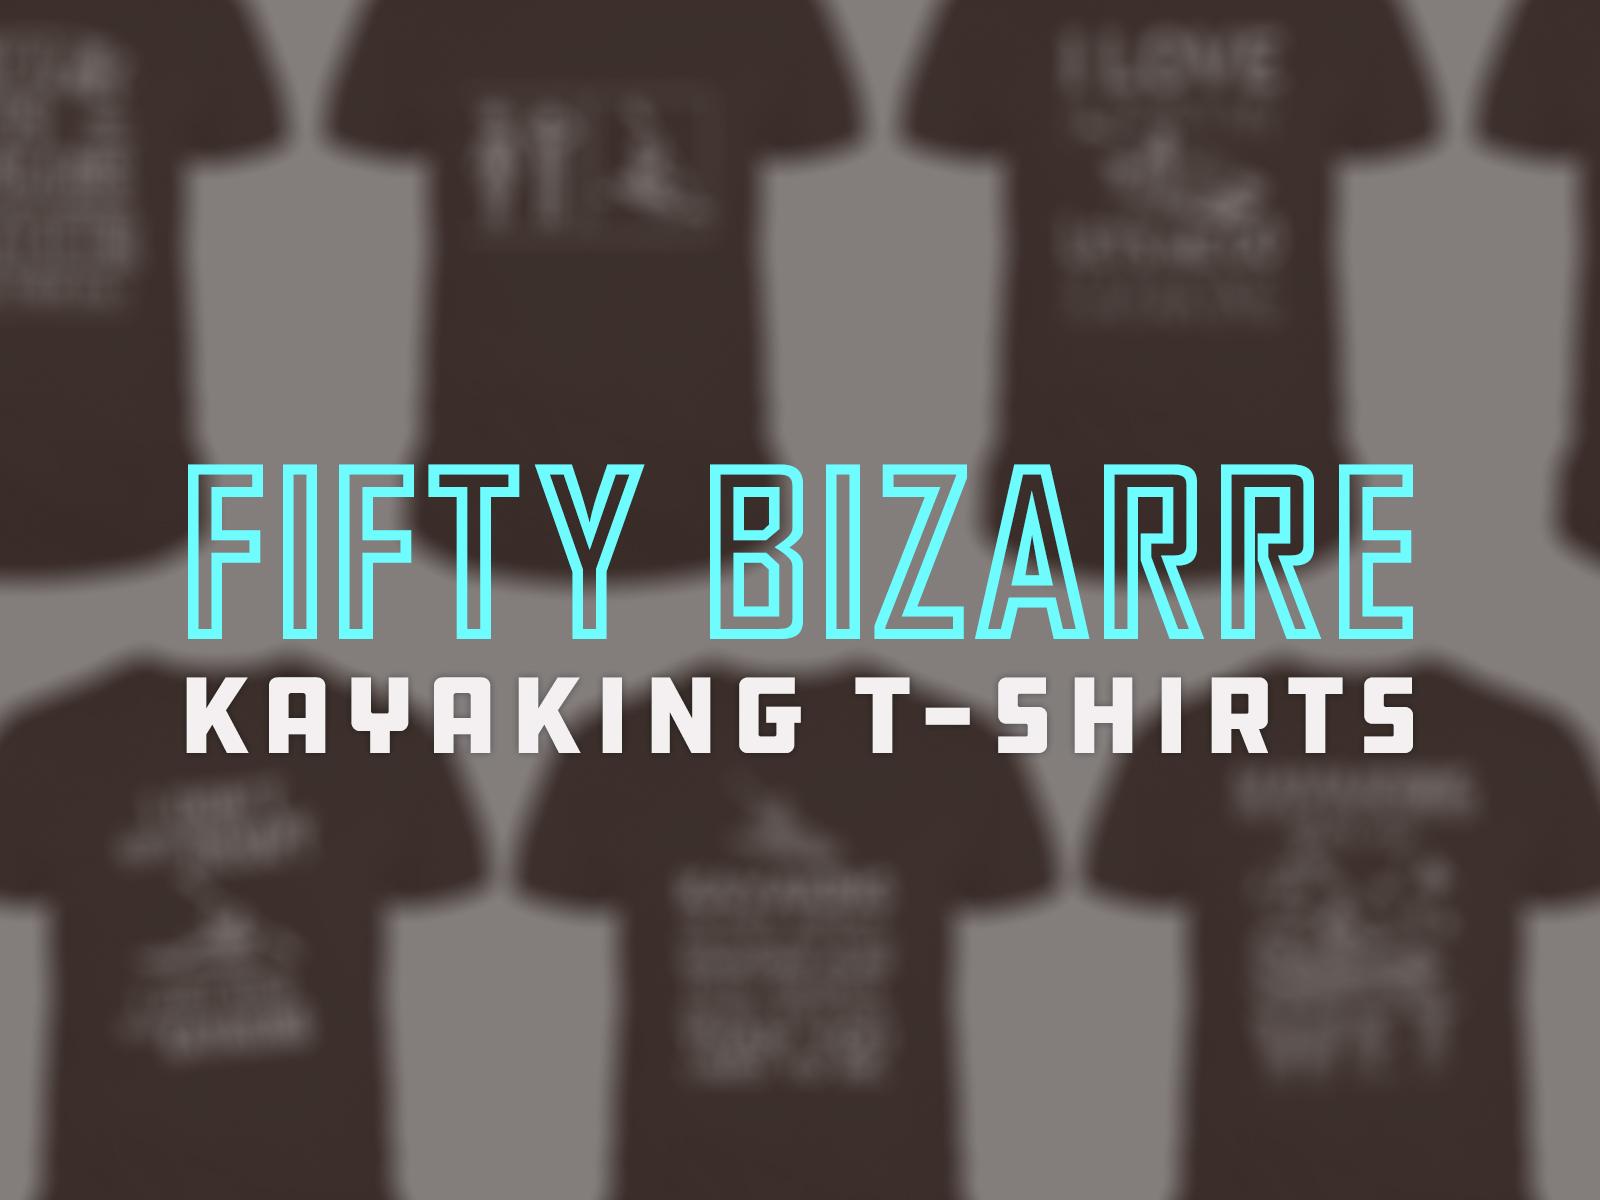 50 Bizarre Kayaking T-Shirts